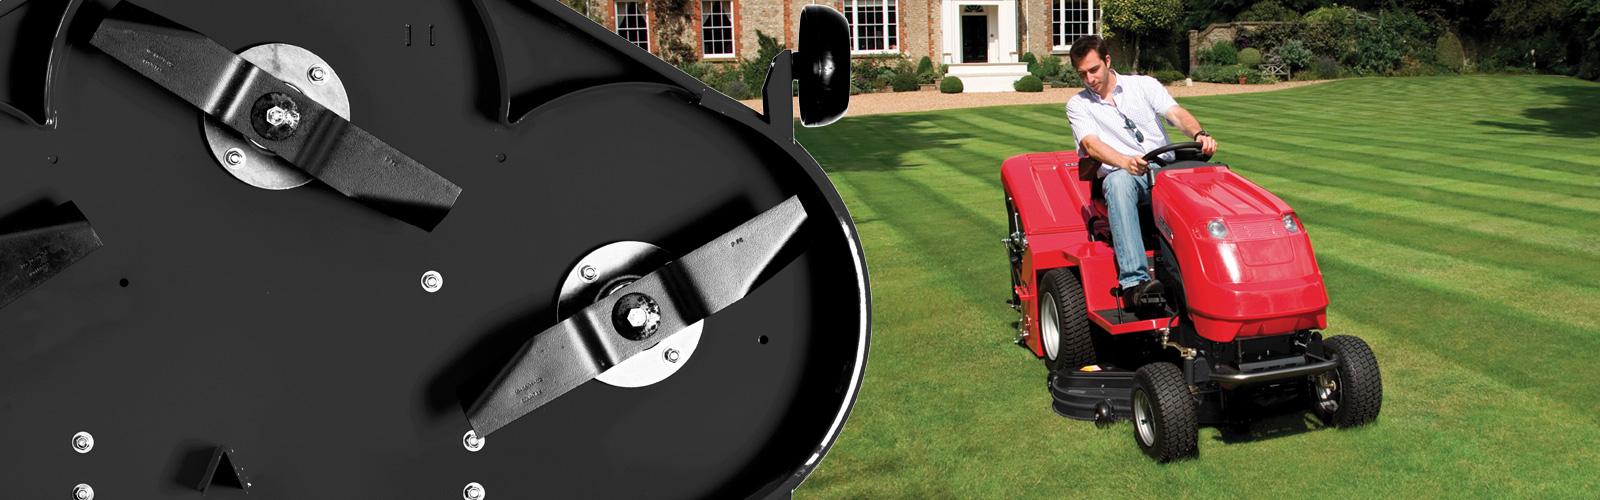 Countax A Series garden tractor riding mower IBS rear discharge cutter deck